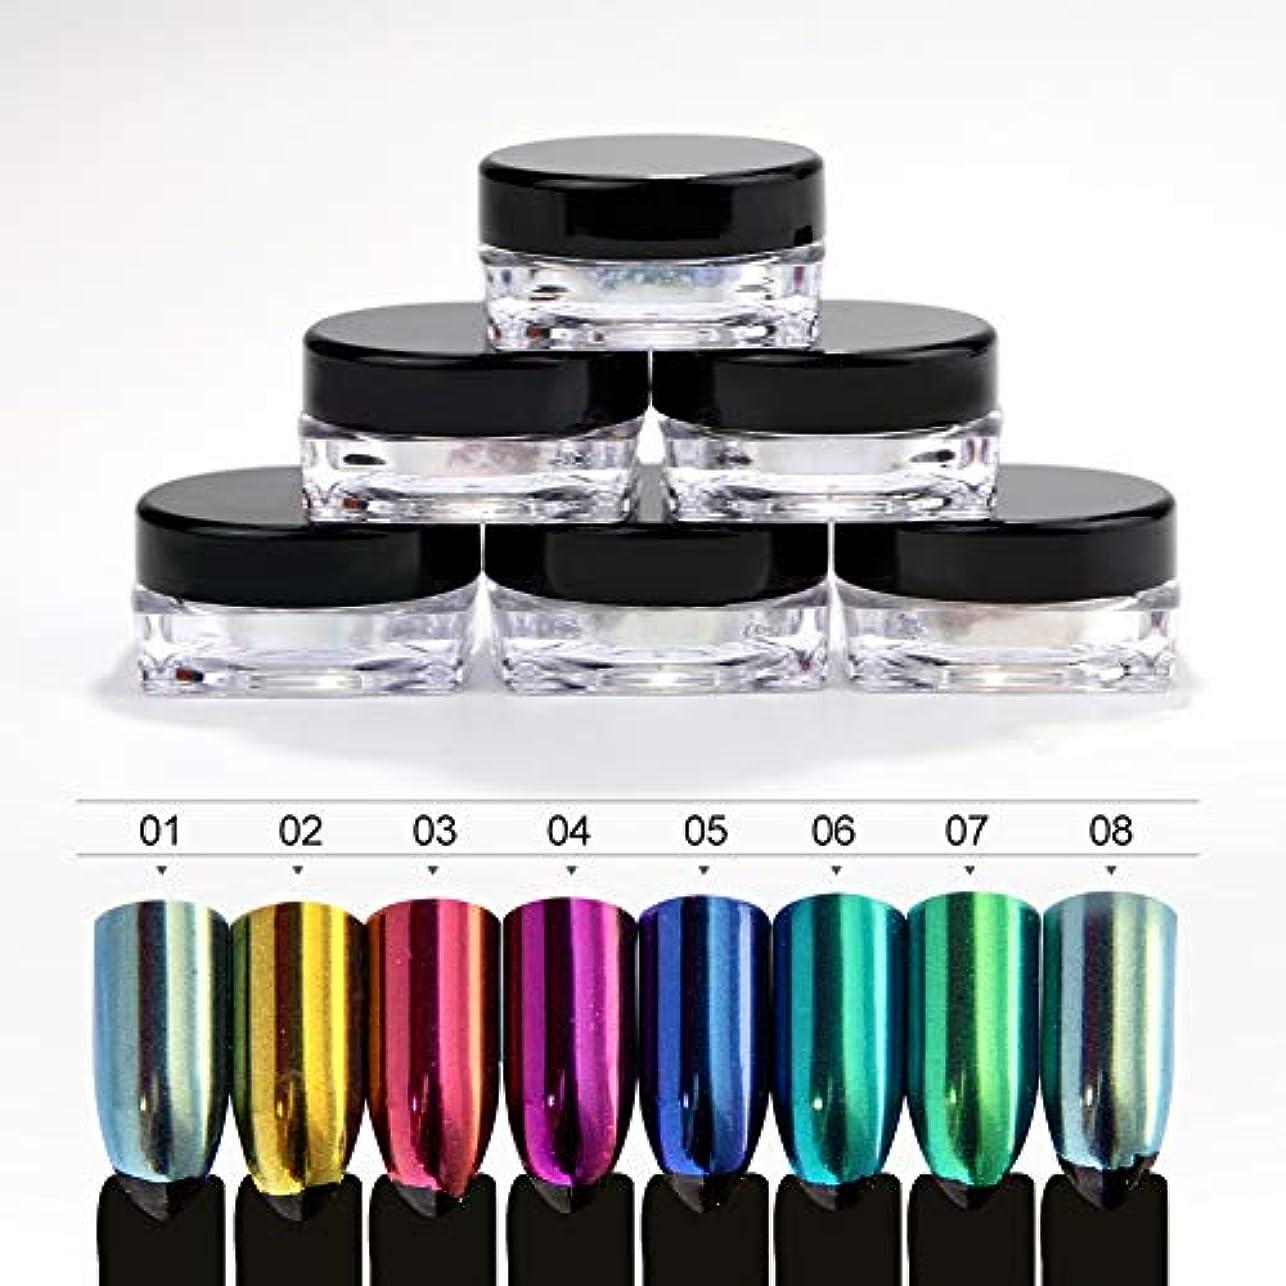 彼女のローブ熟達Twinkle Store  8個、 1g入り ネイルパウダー ネイルアート ミラーパウダー 鏡面効果がある、 ネイル初心者でも簡単です。